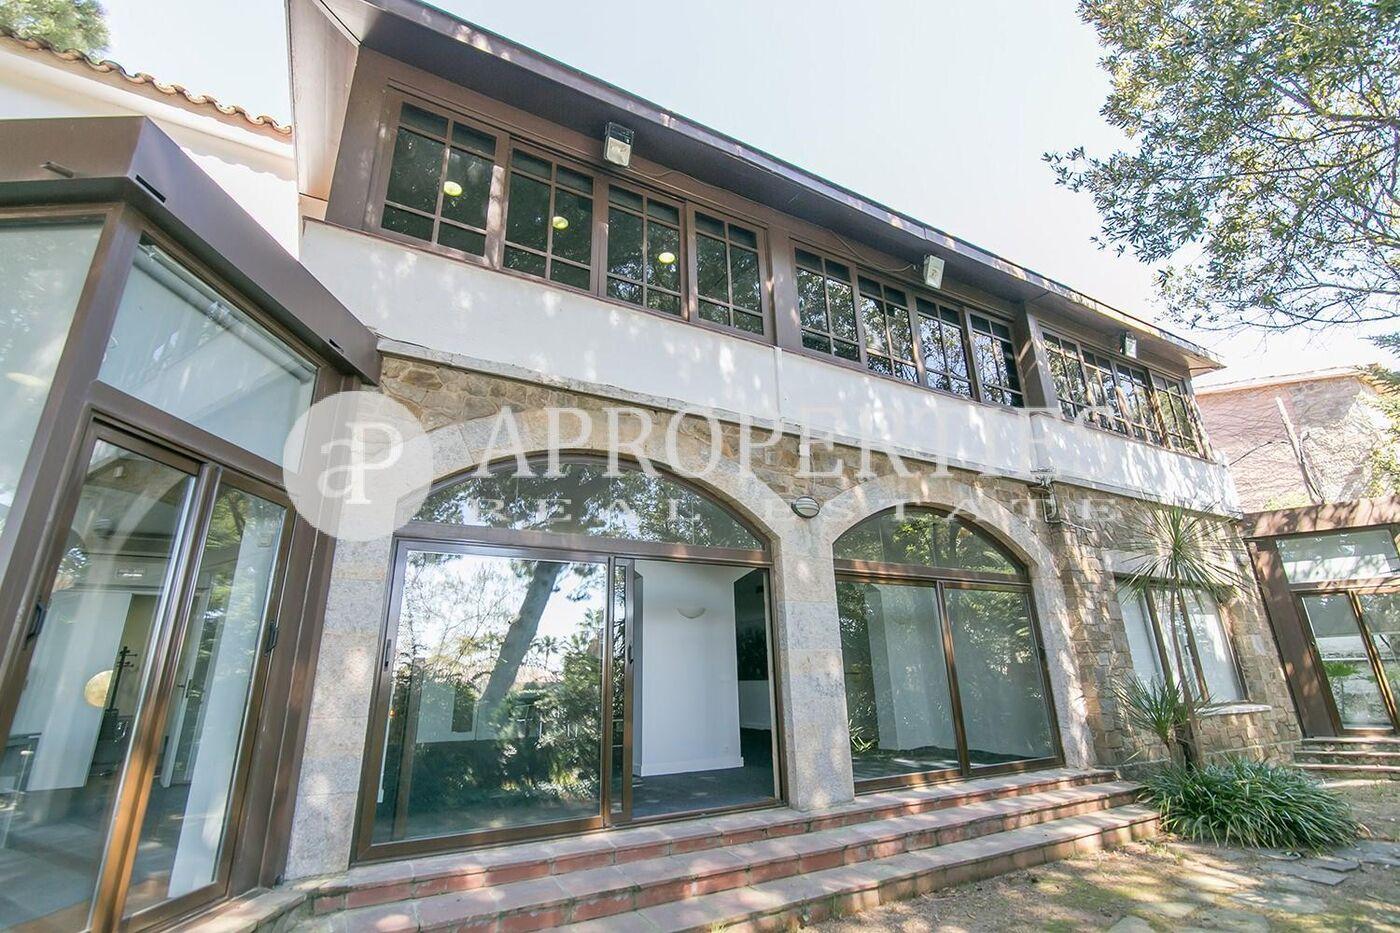 Casa en alquiler con jard n de 1500m2 en pedralbes for Alquiler casa jardin barcelona